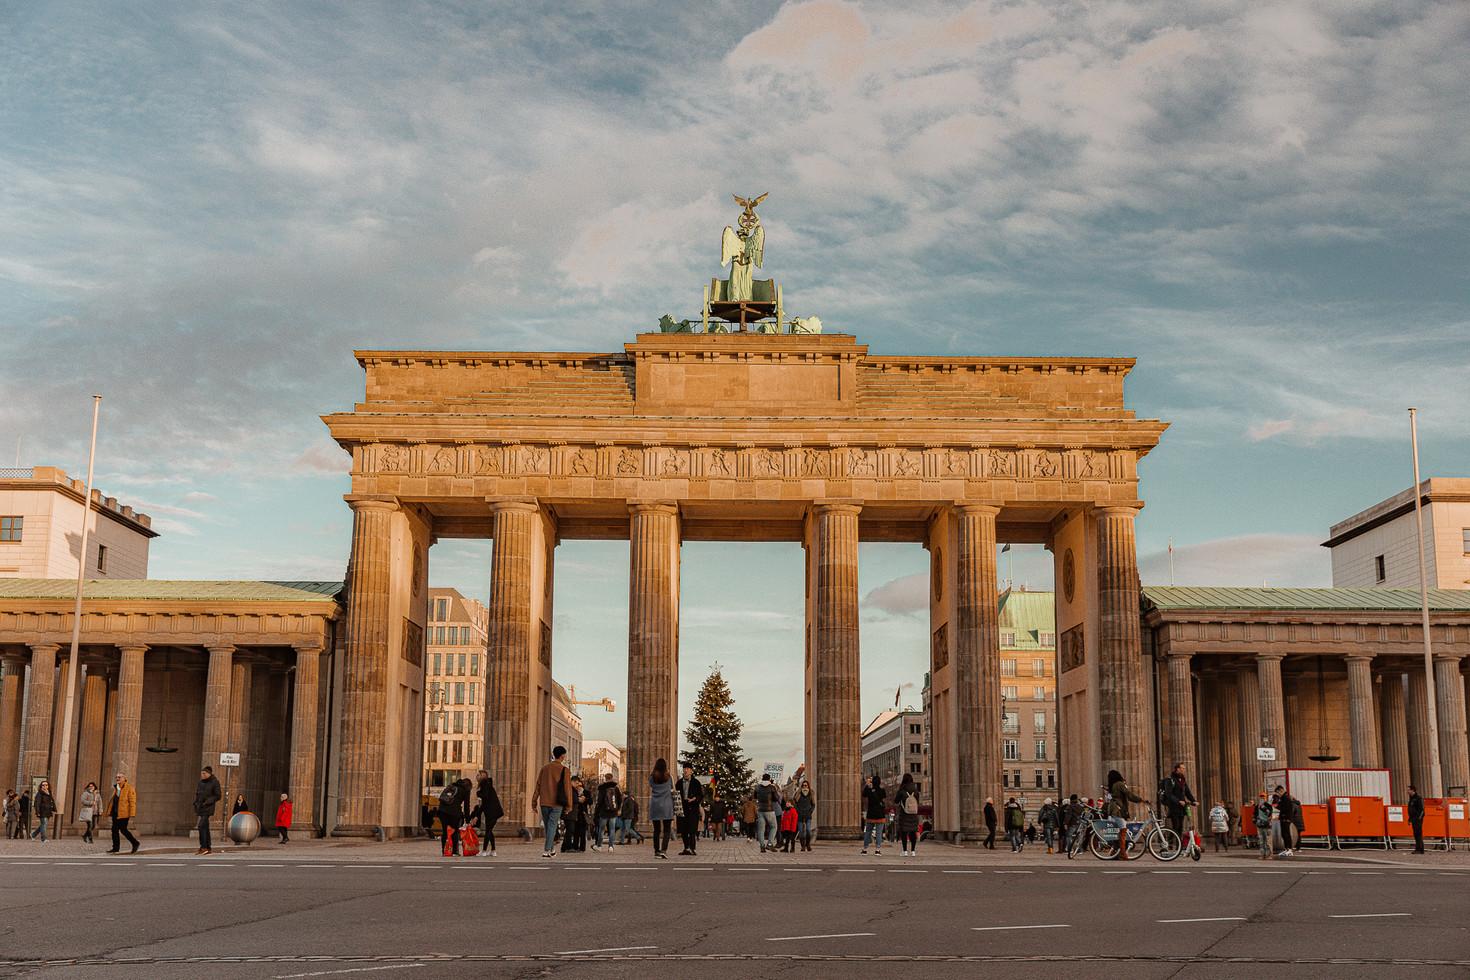 TKPA-Berlin201912-0012-HDWH.jpg